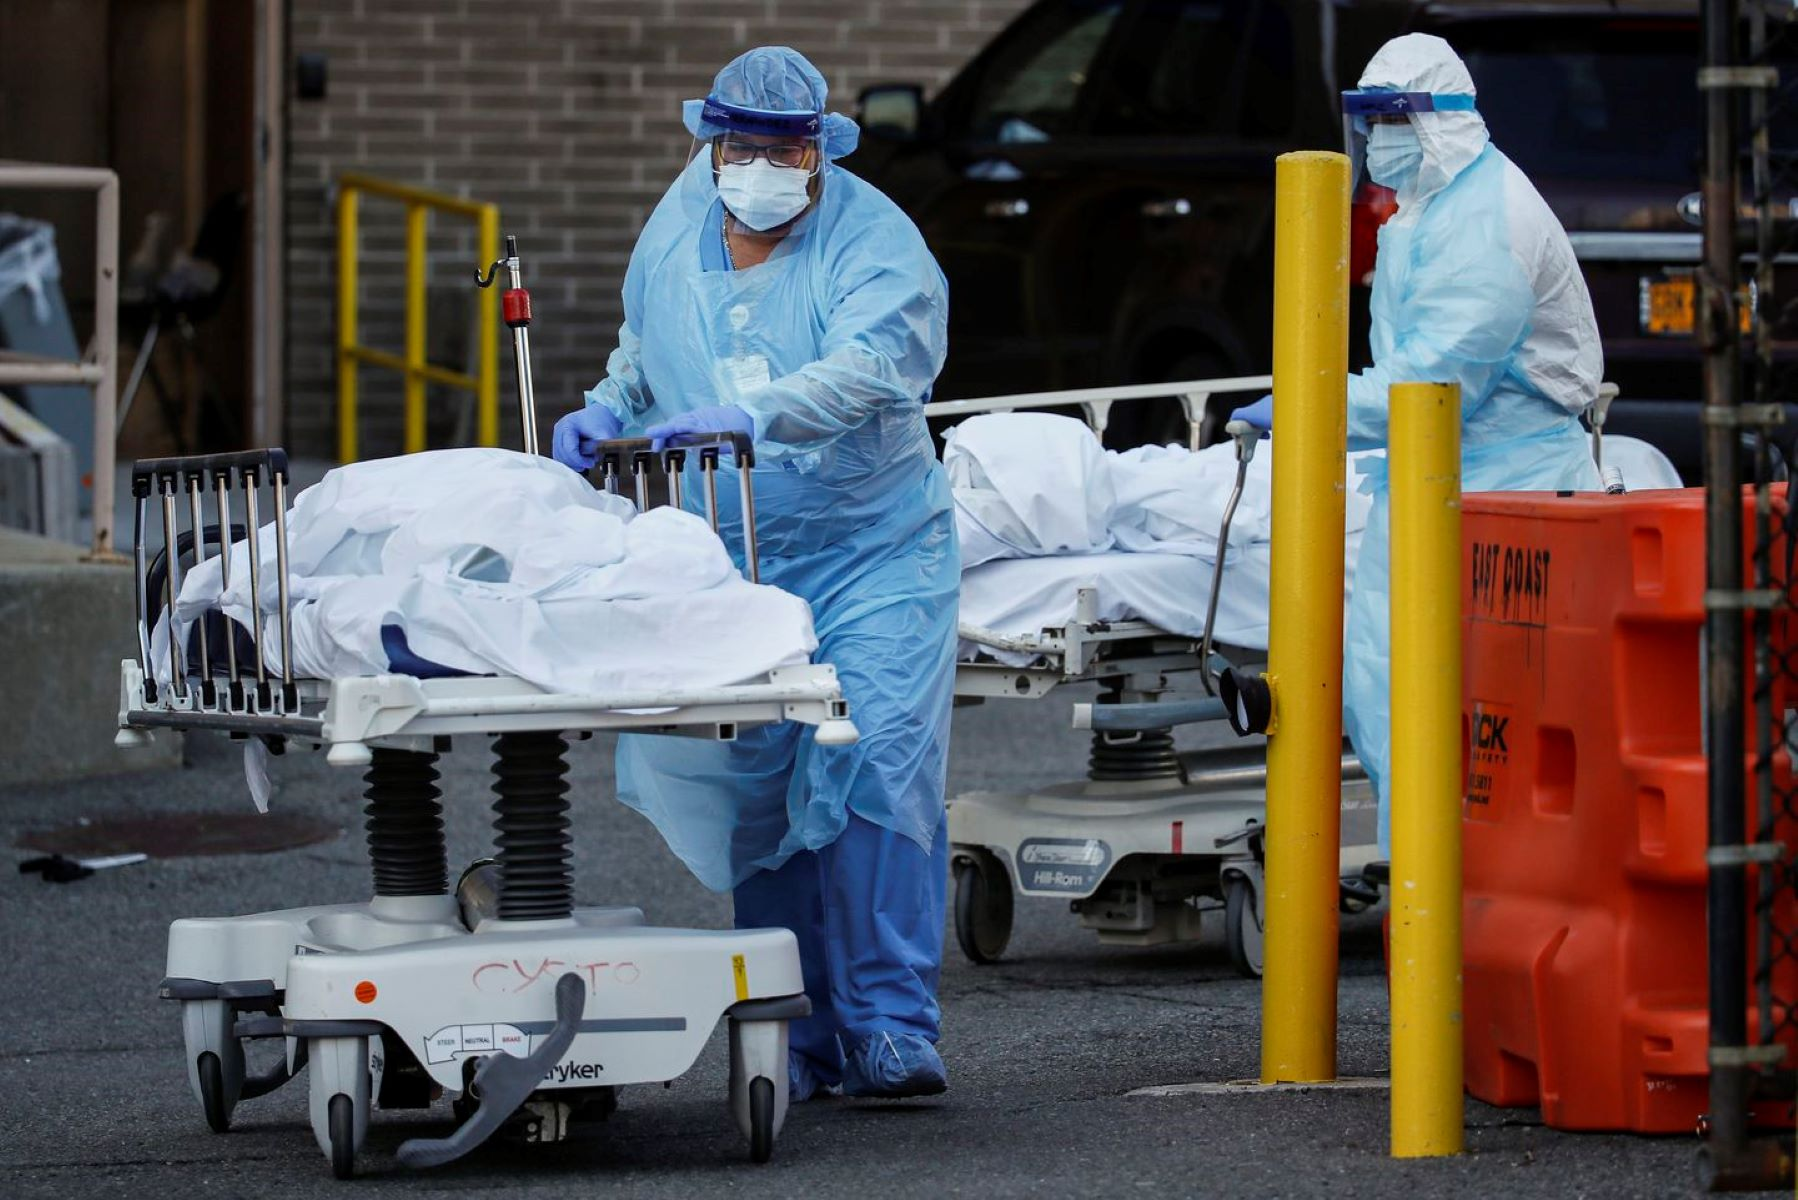 Κορωνοϊός θάνατοι : Τρεις άνθρωποι έχασαν την μάχη σήμερα .Δηλώσεις Μαγιορκίνη